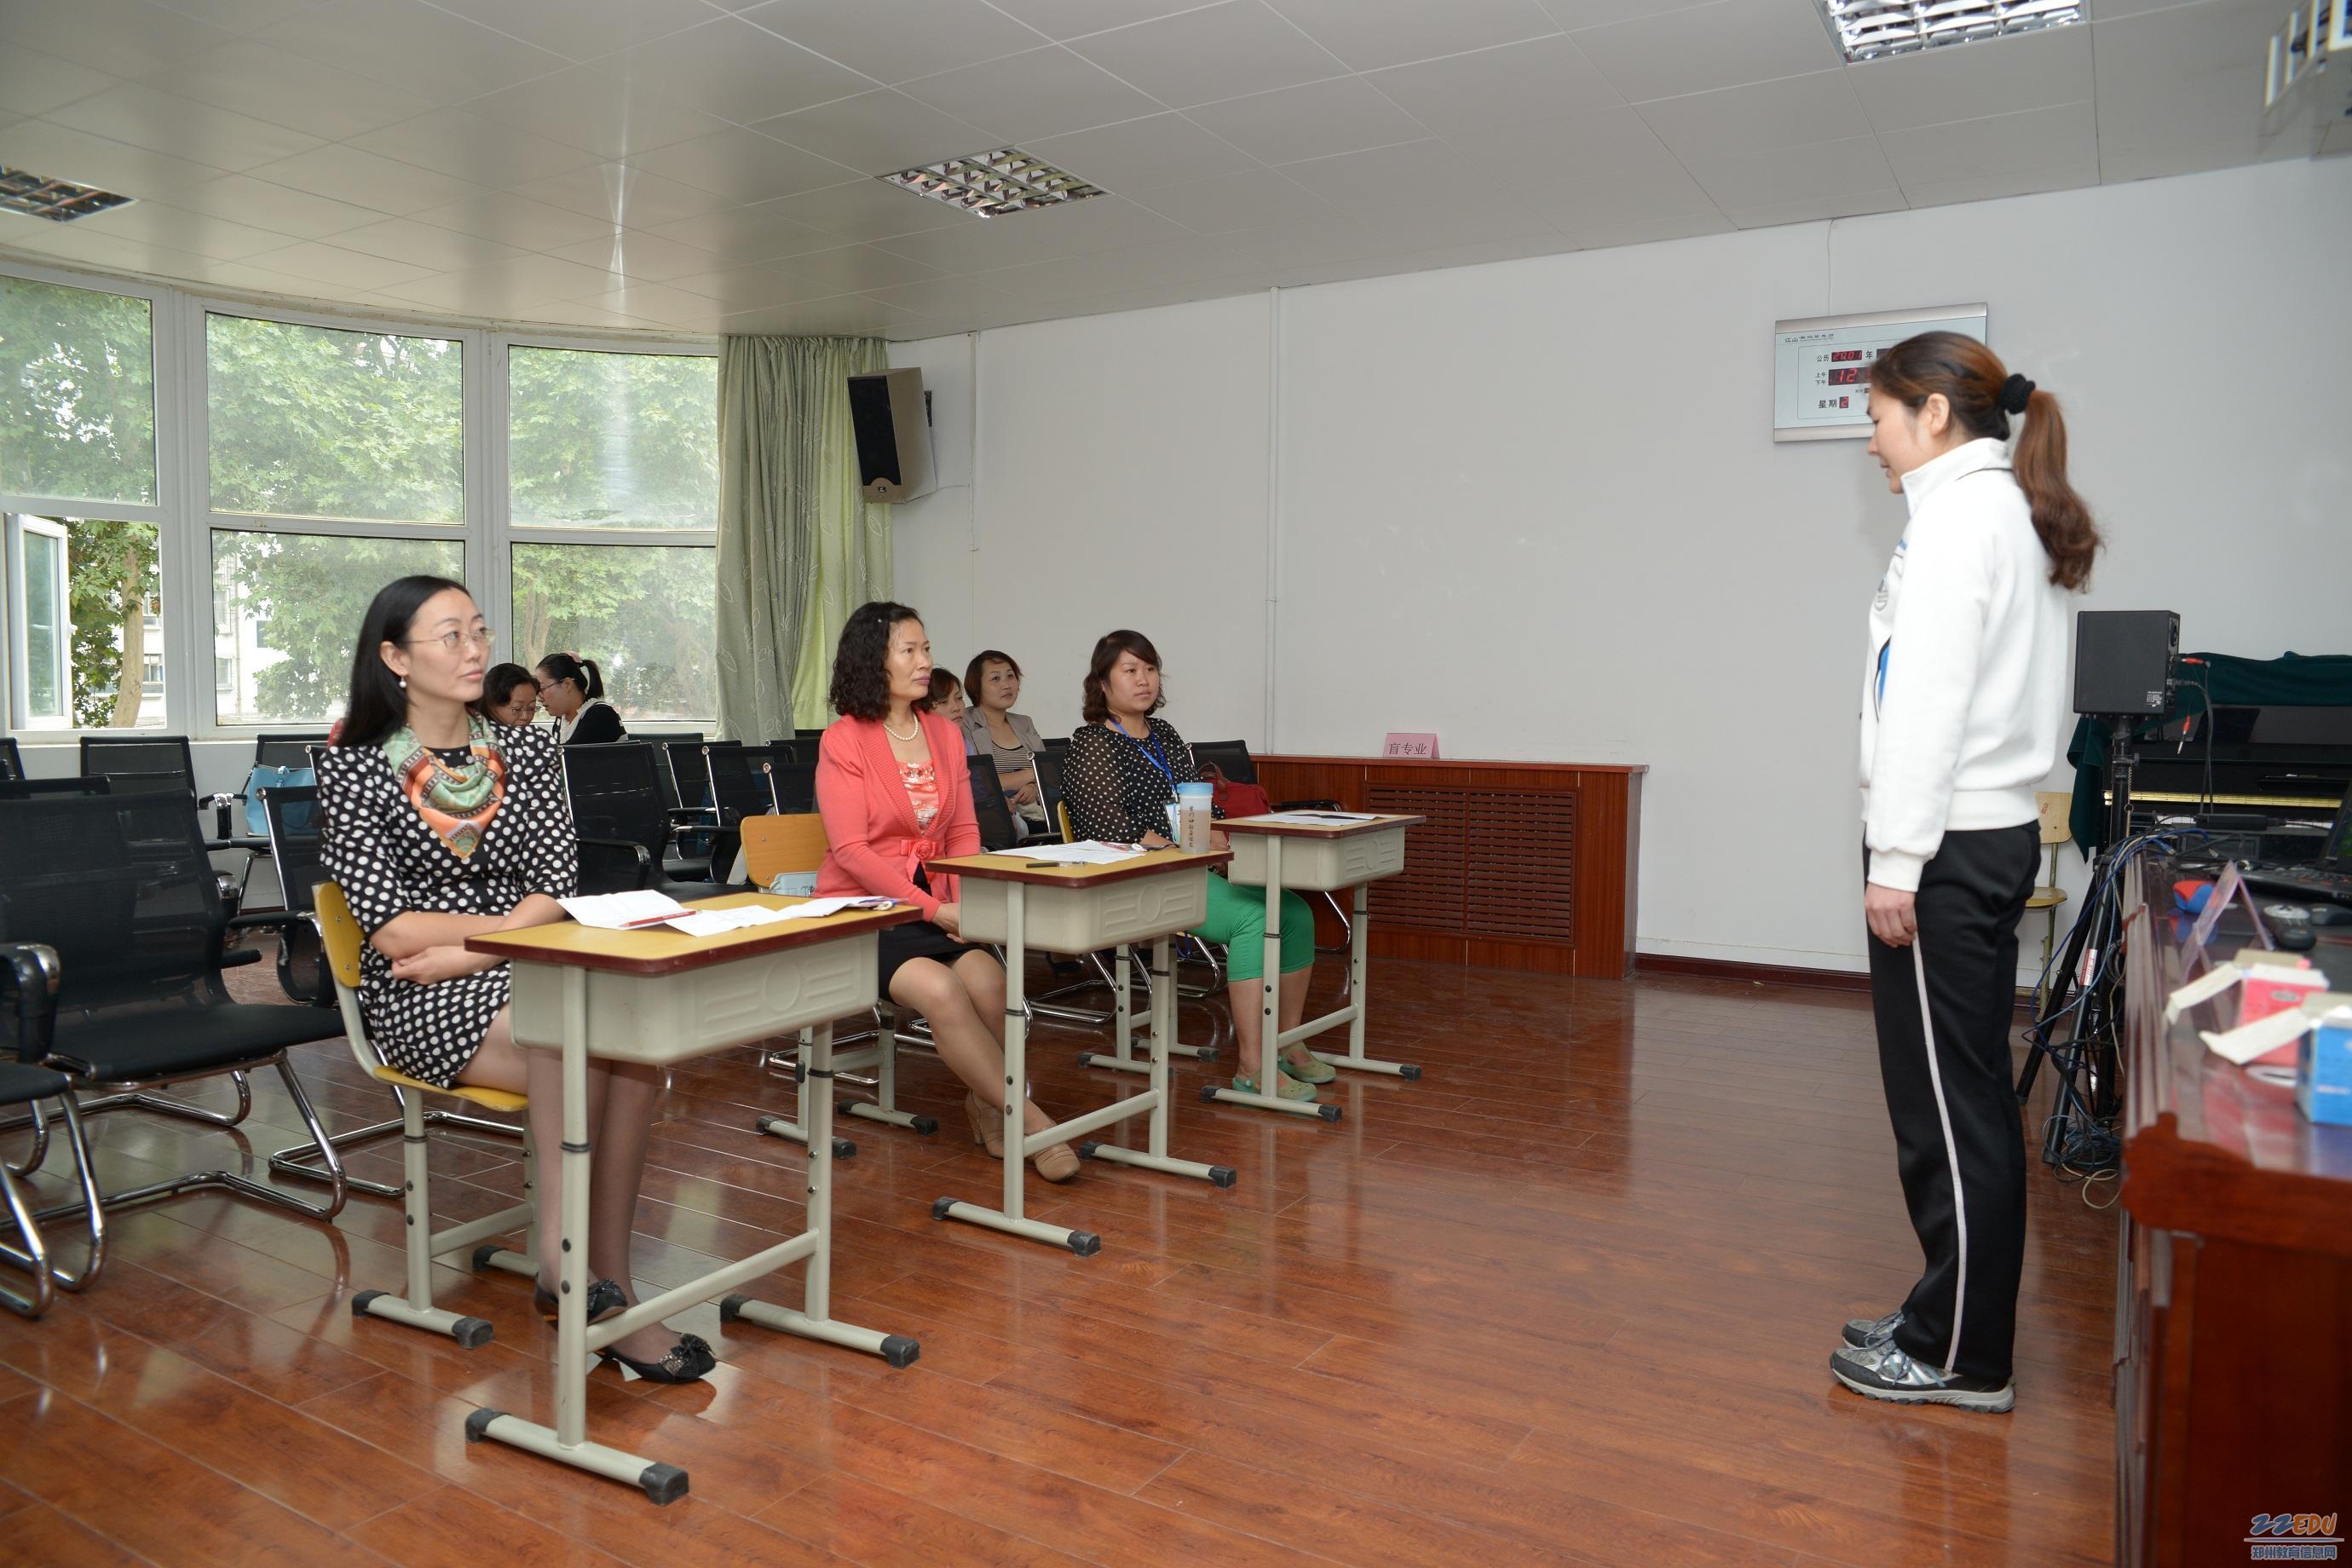 近日,郑州市特殊教育学校教师技能竞赛在郑州市盲聋哑学校举行.